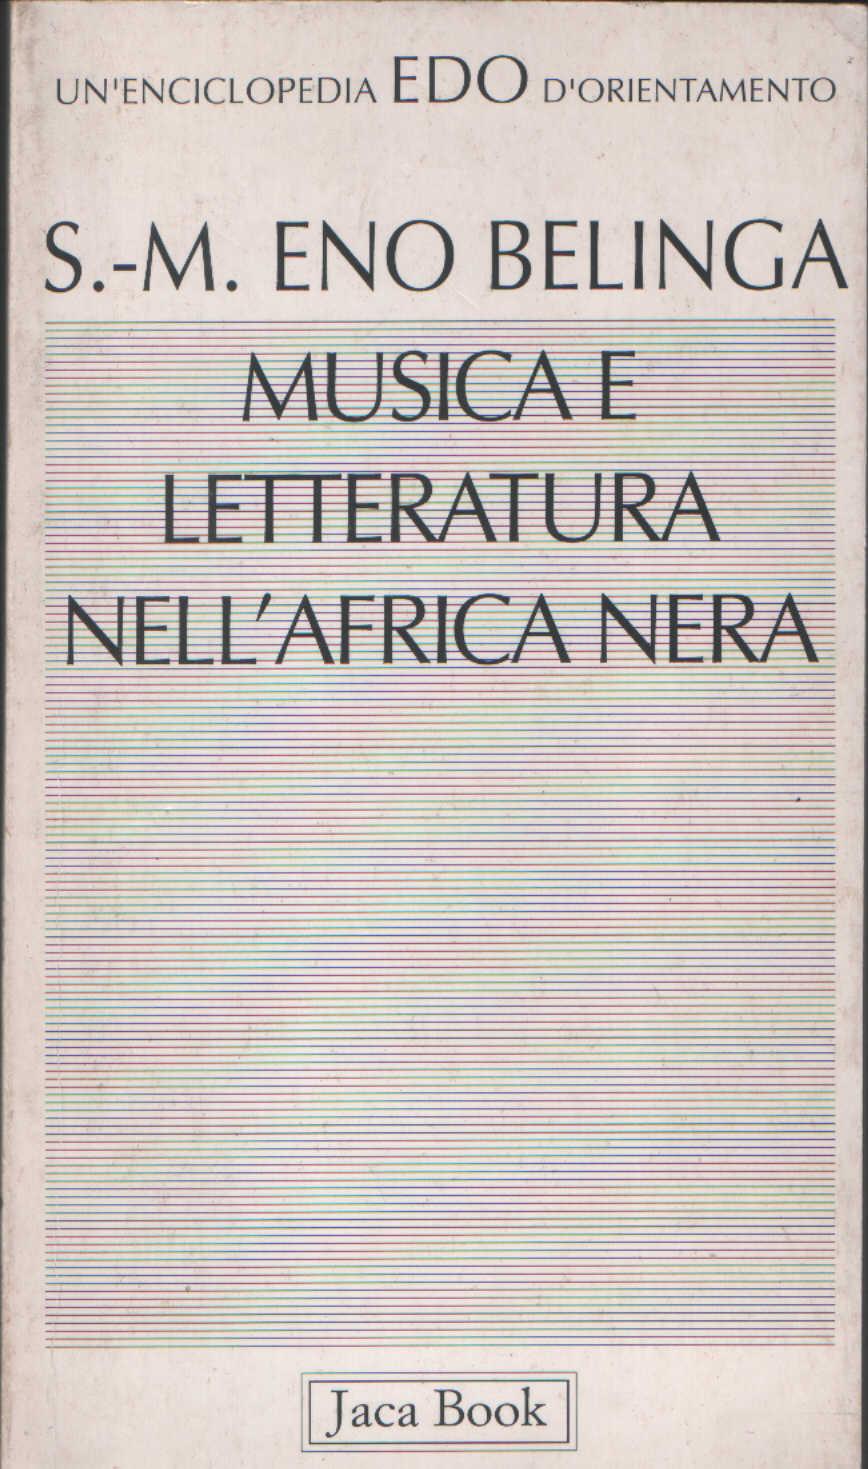 Musica e letteratura nell'Africa nera